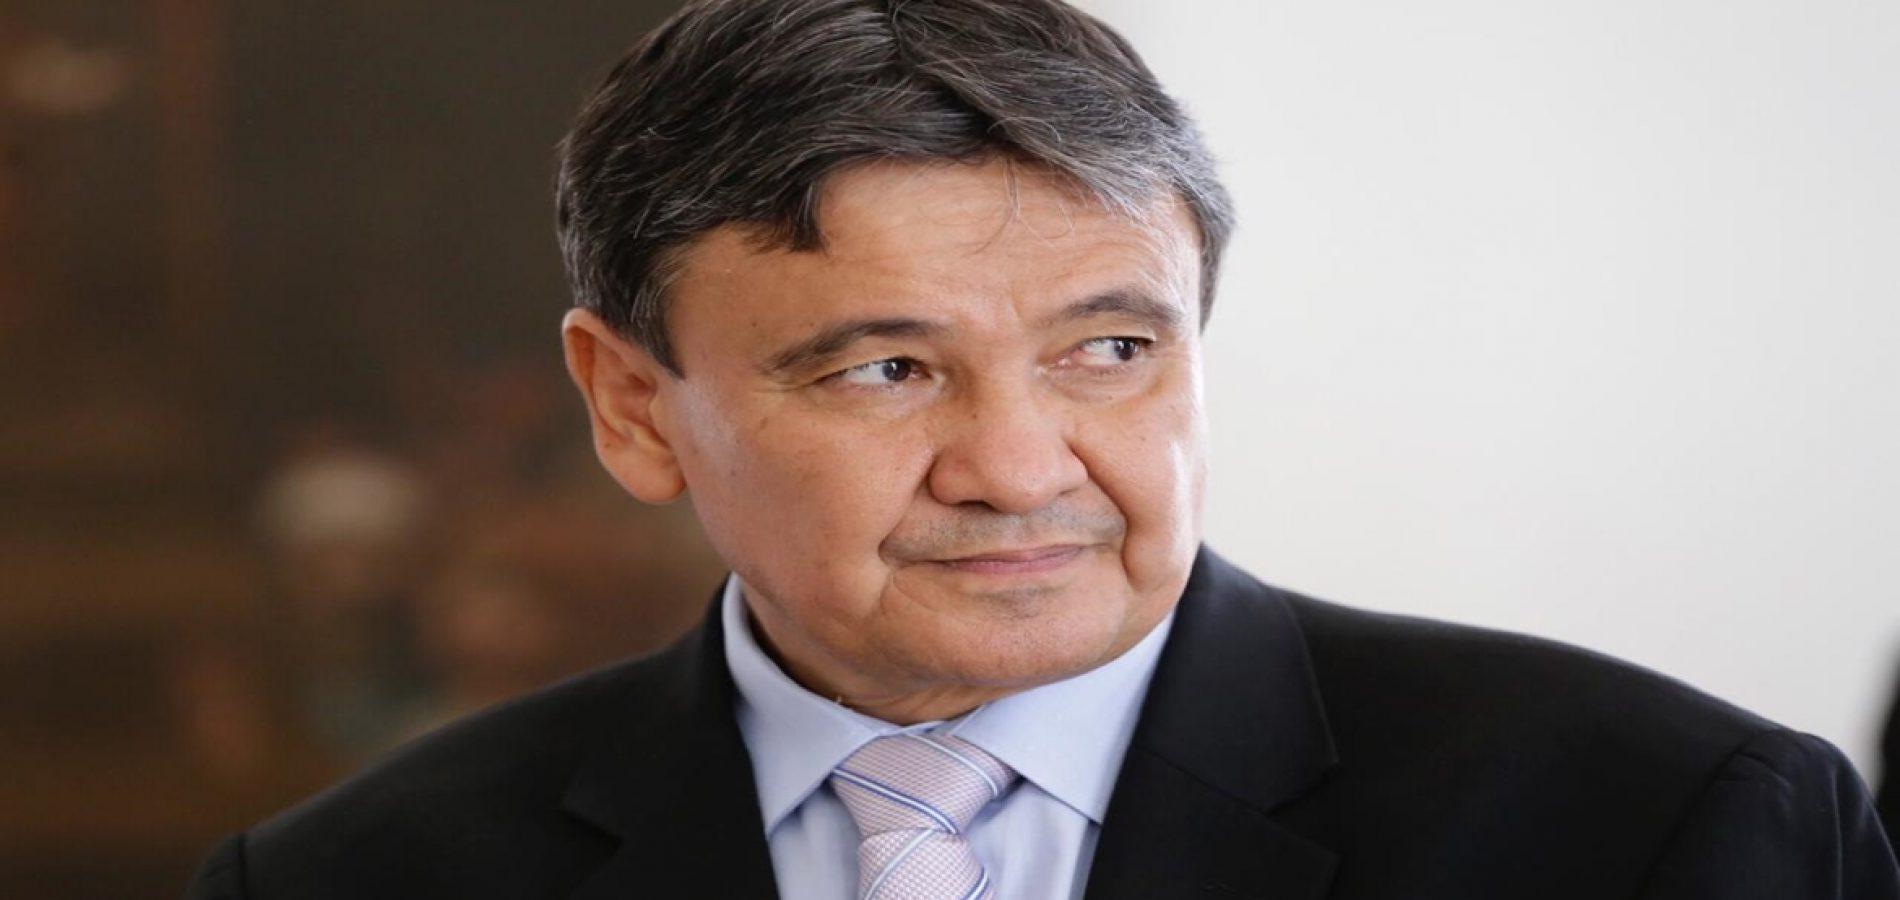 Procurador da República denuncia Wellington Dias por improbidade administrativa